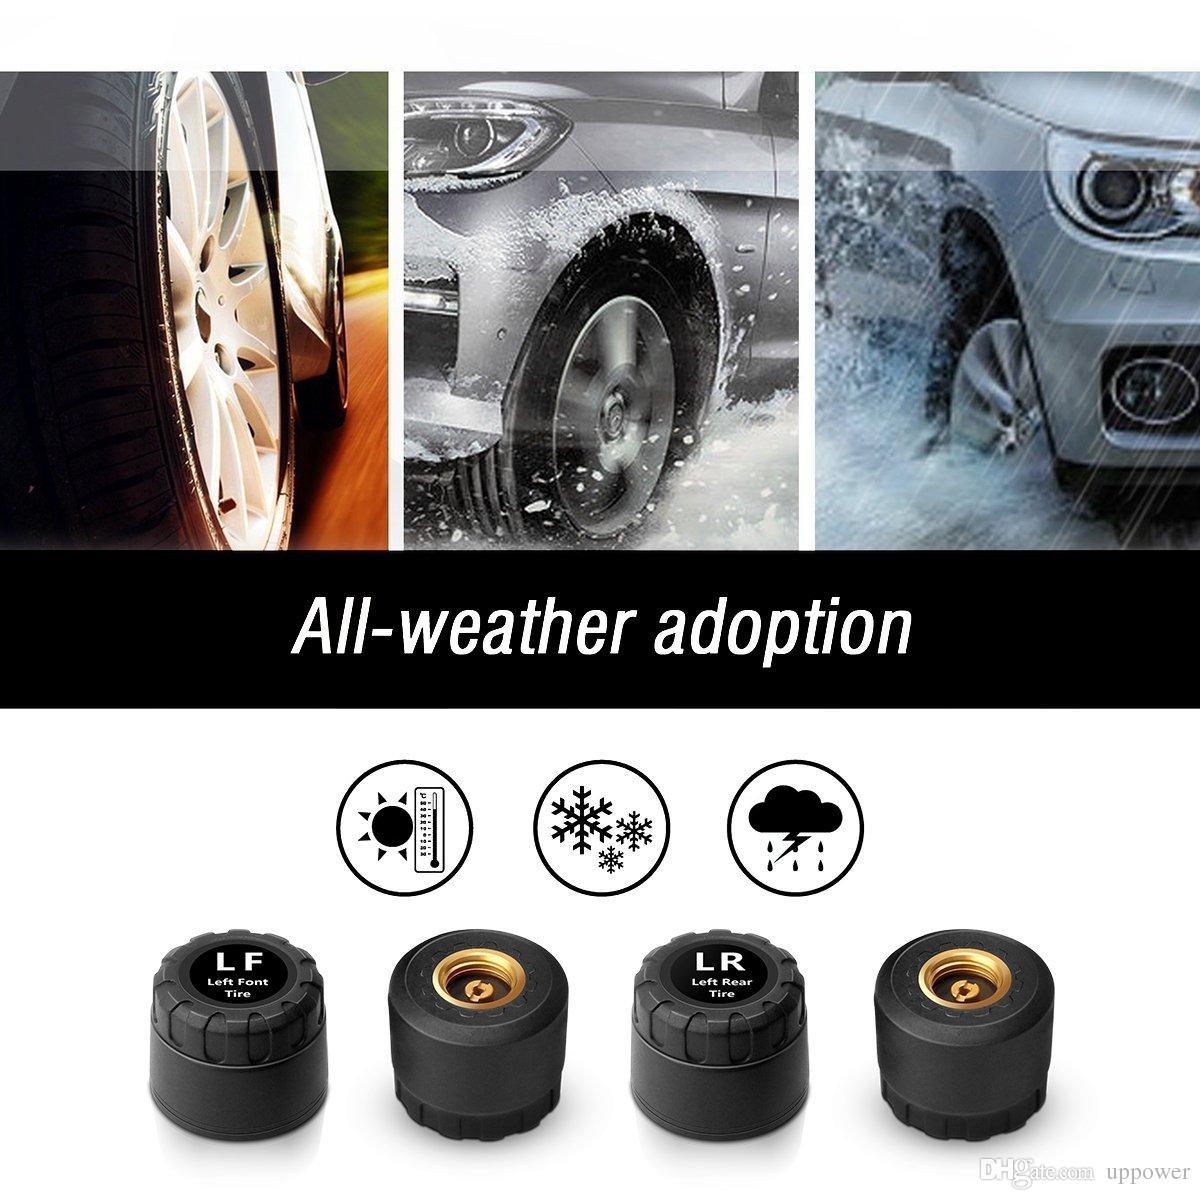 CarBest 태양 강화 TPMS 신뢰할 수있는 타이어 압력 자동차 모니터링 시스템 4 개의 외부 센서 4 센서 자동 알람 시스템